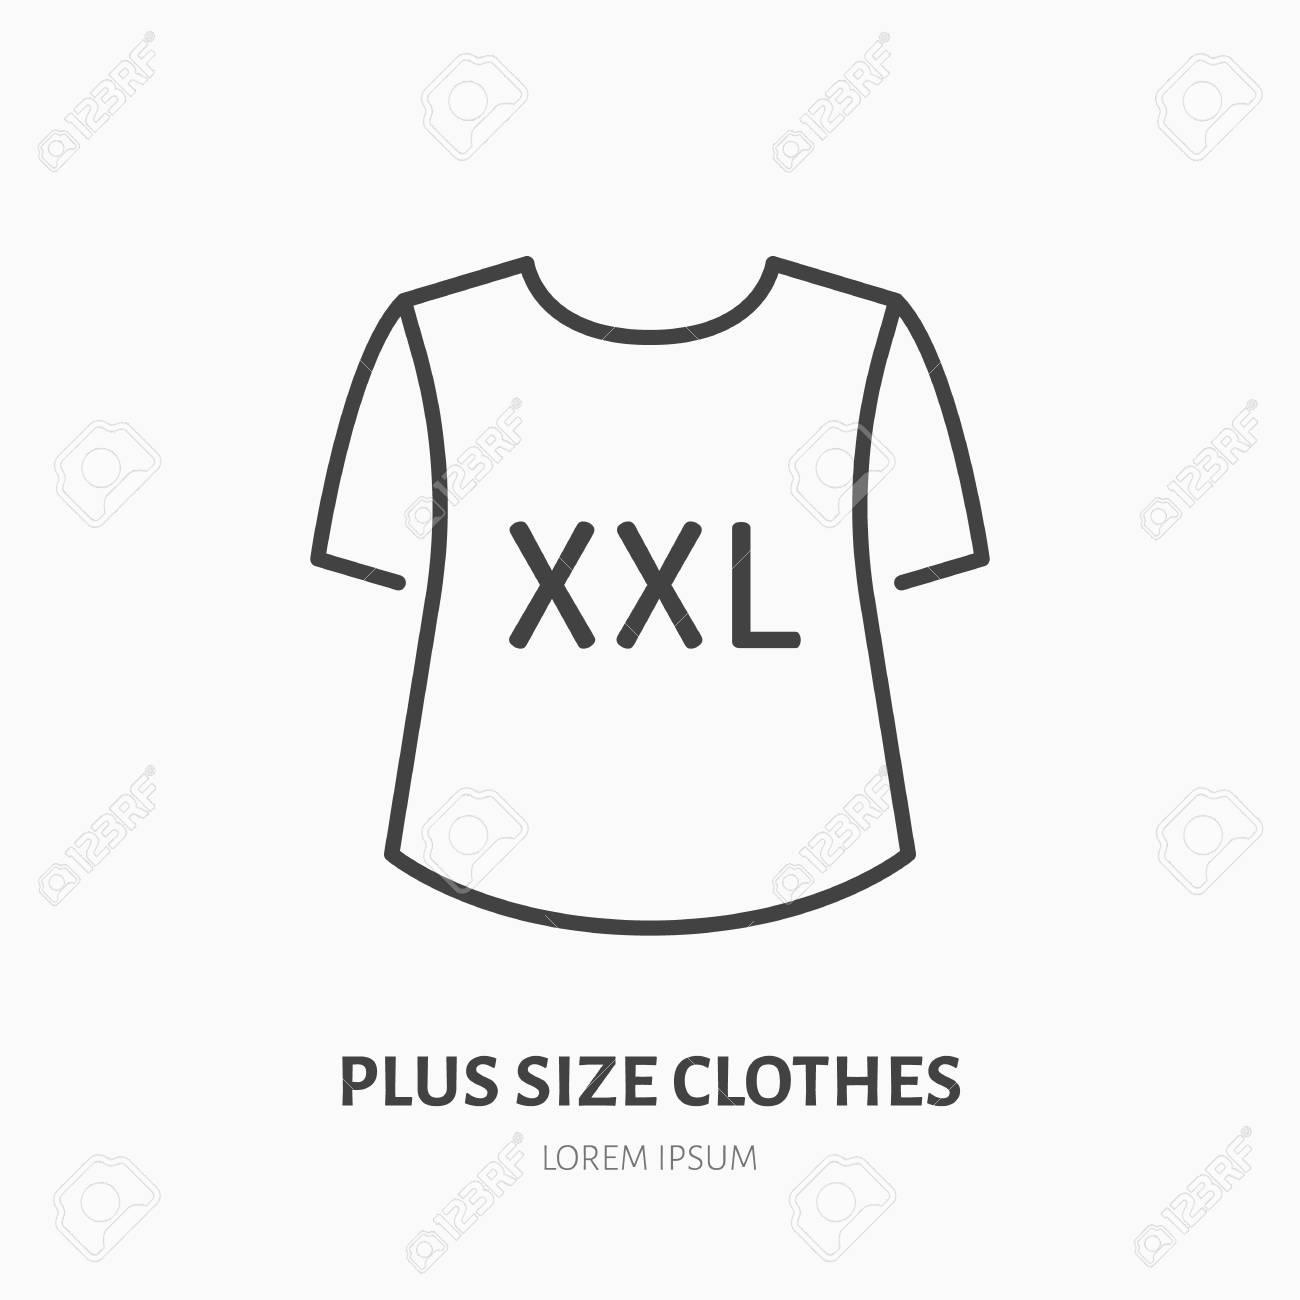 4eecce2a81c5 Archivio Fotografico - Icona di linea piatta negozio di vestiti più  dimensioni. Abbigliamento donna XXL